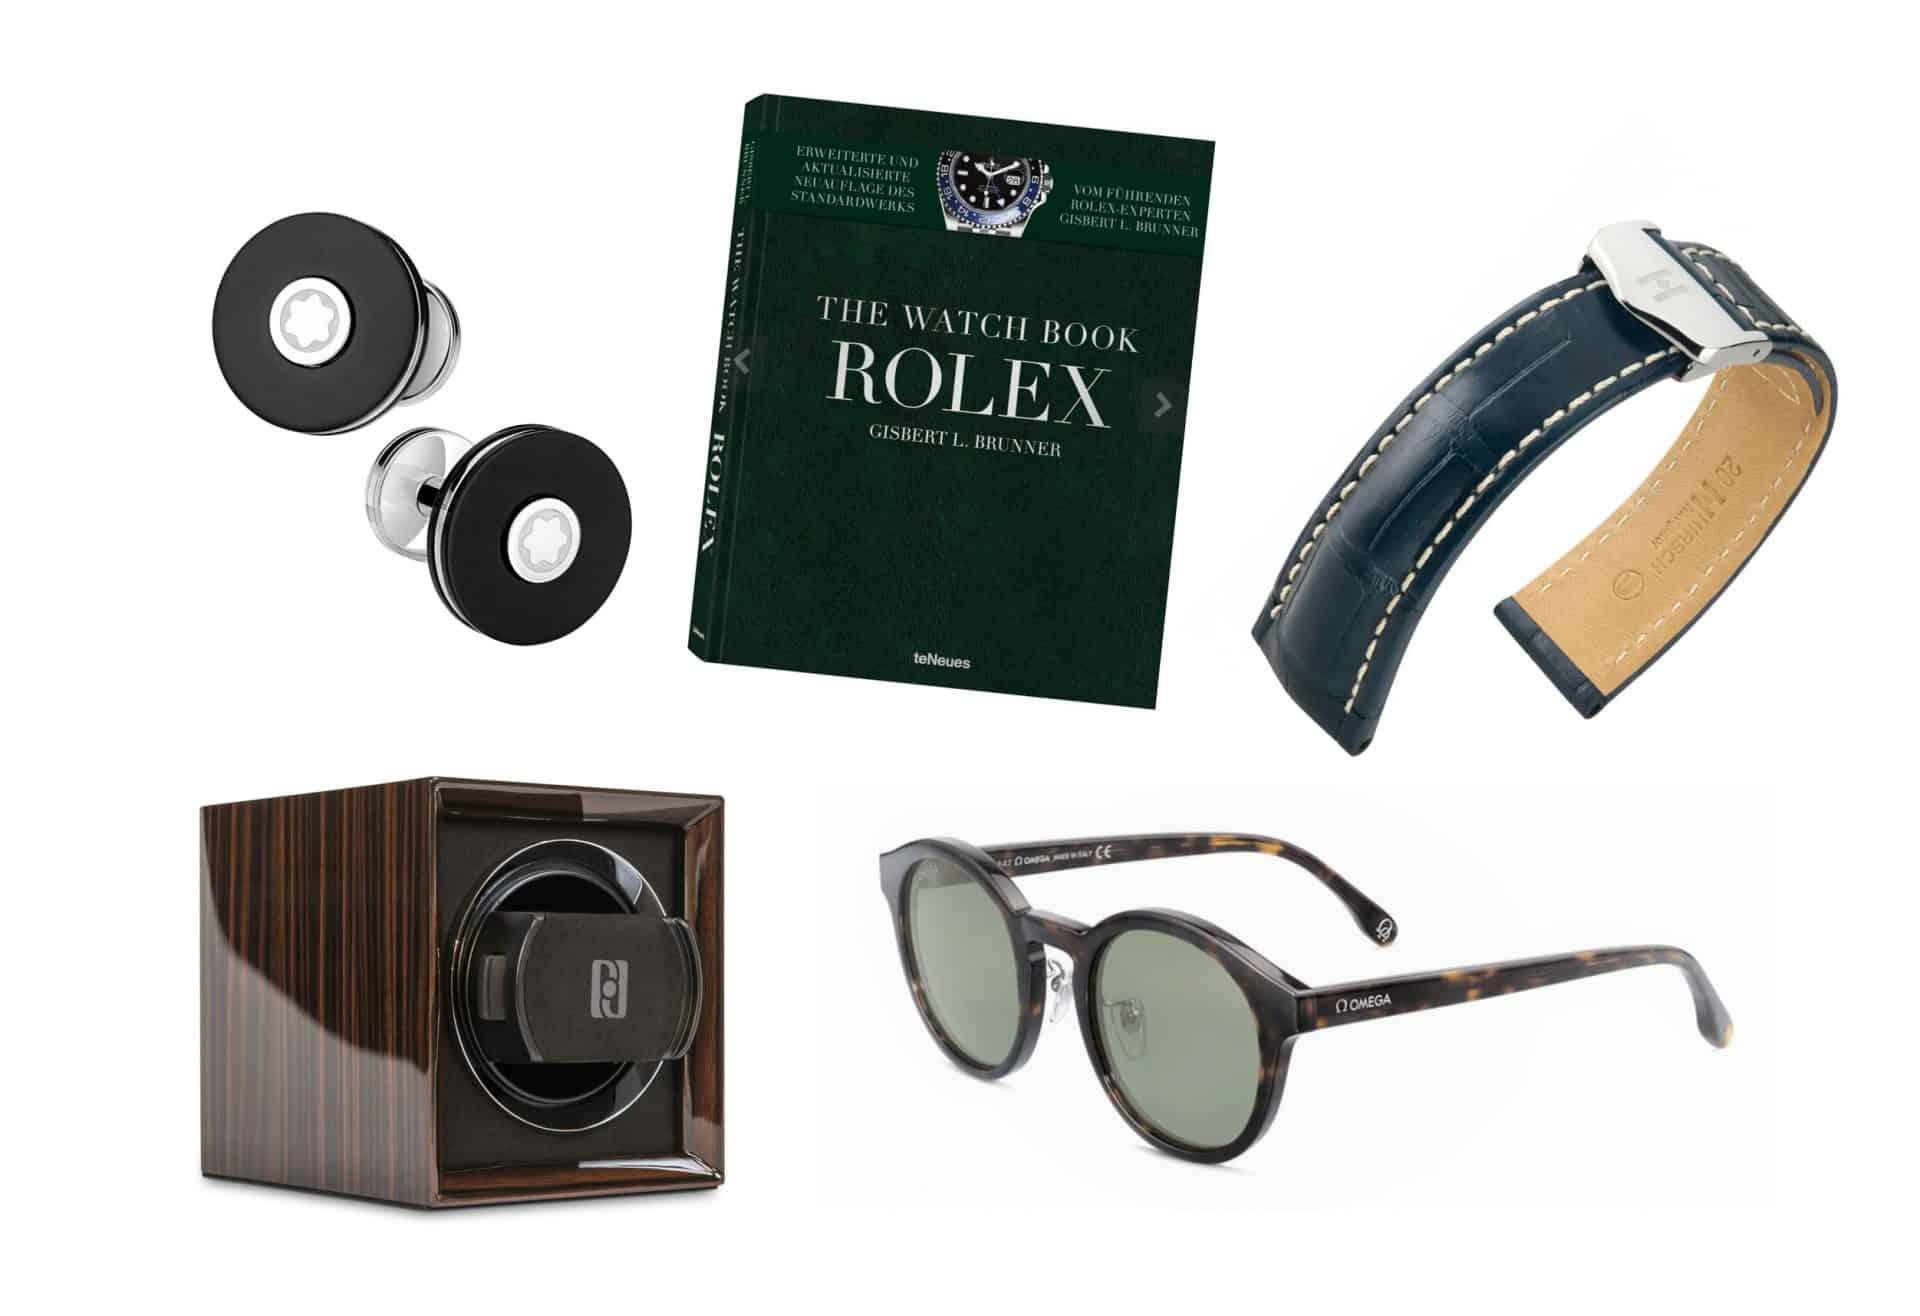 Passende Uhren-Accessoires zum Verschenken5 Geschenk-Ideen für Uhren-Liebhaber